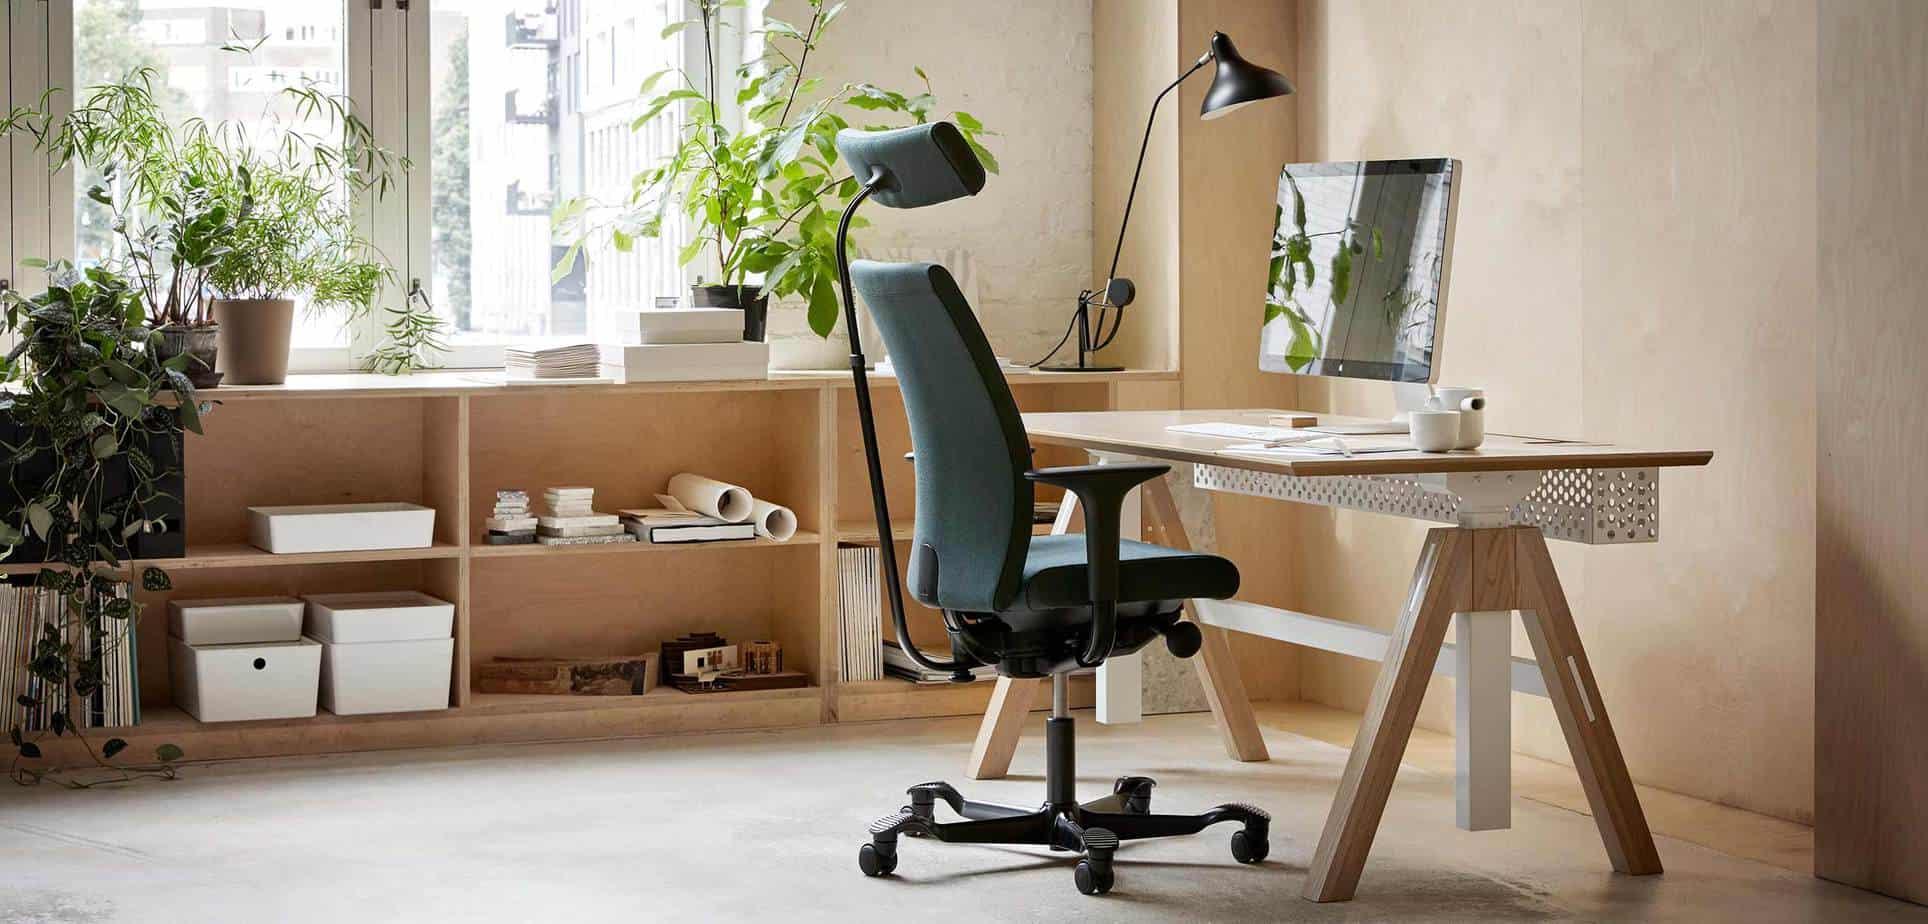 Conception de bureau à domicile 2021